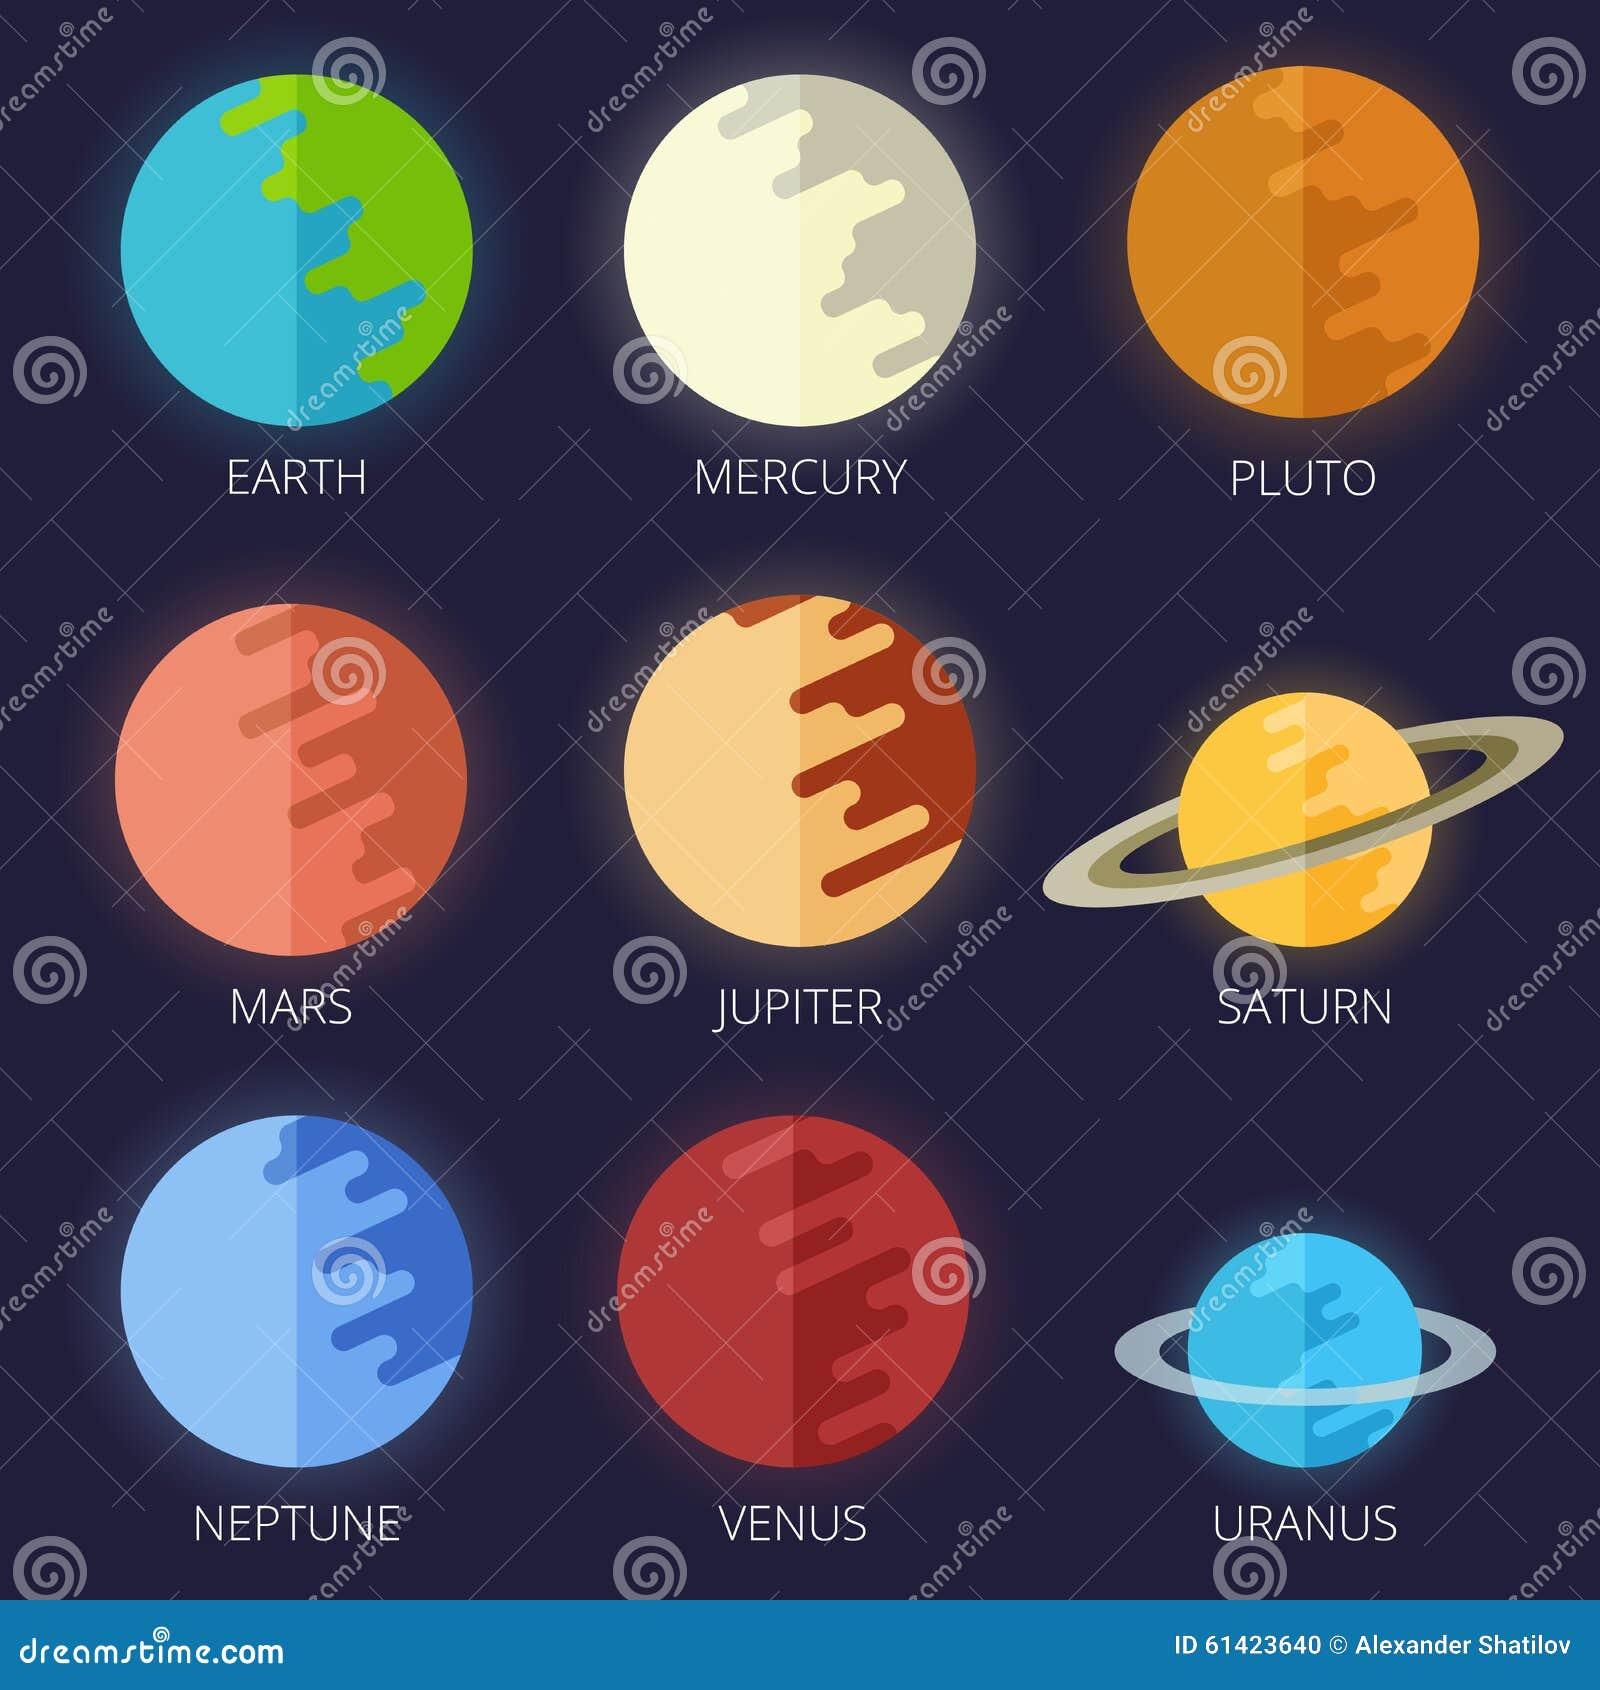 Set planets solar system cartoon style flat icon stock vector image - Set Planets Solar System In A Cartoon Style Flat Stock